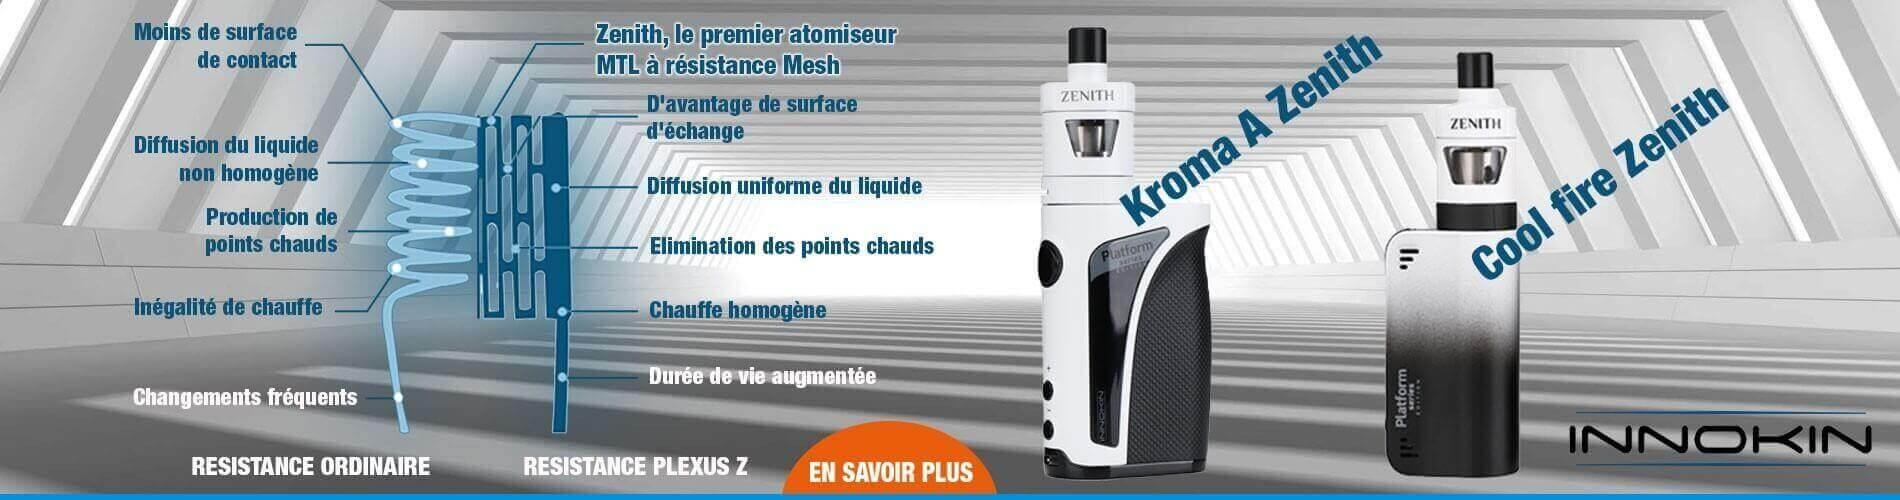 Résistance plexus Z sur kit Kroma et Kit coolfire